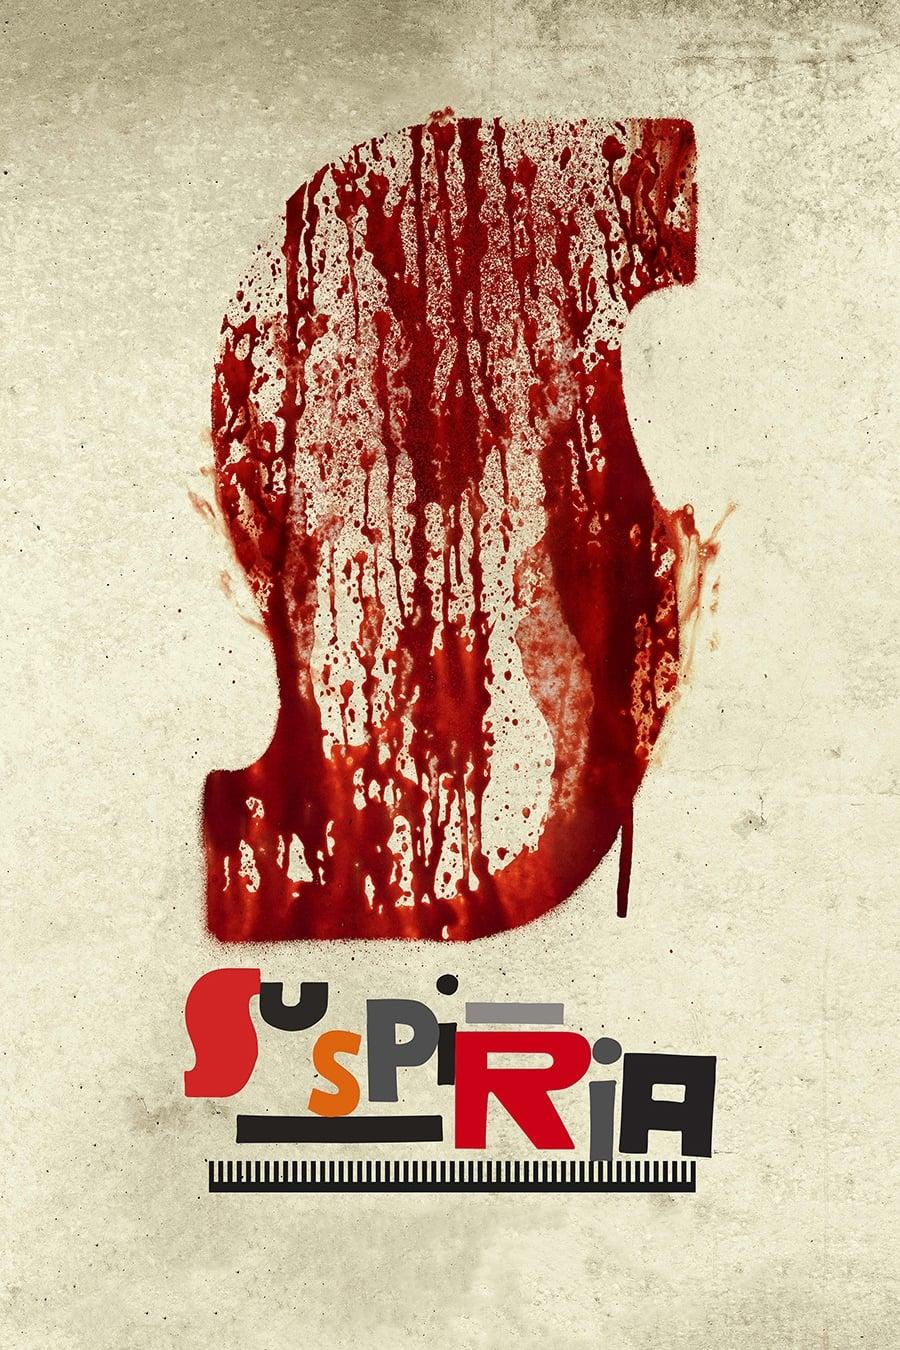 Poster and image movie Film Suspiria - Suspiria 2018